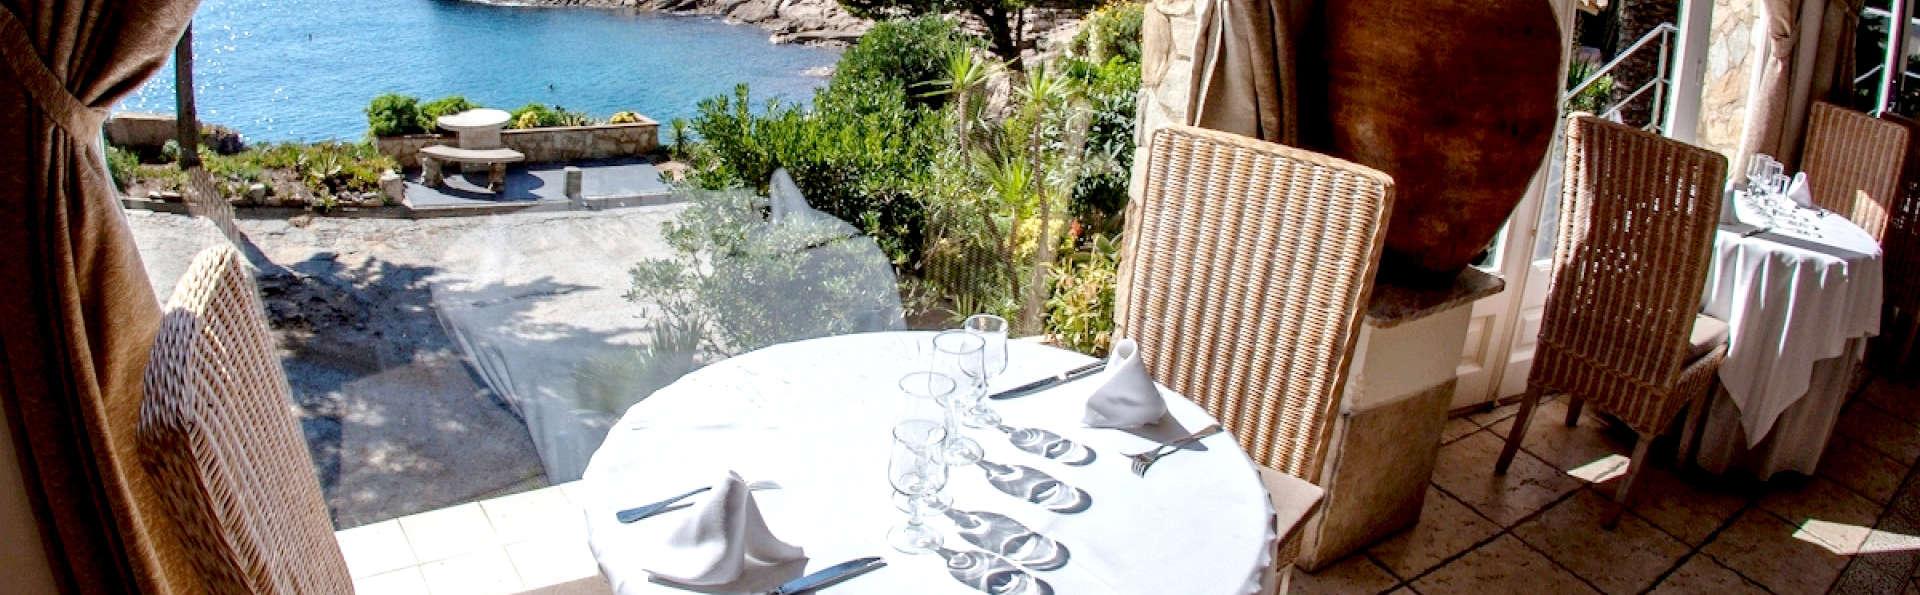 Pensión completa con spa y cóctel en la Costa Brava